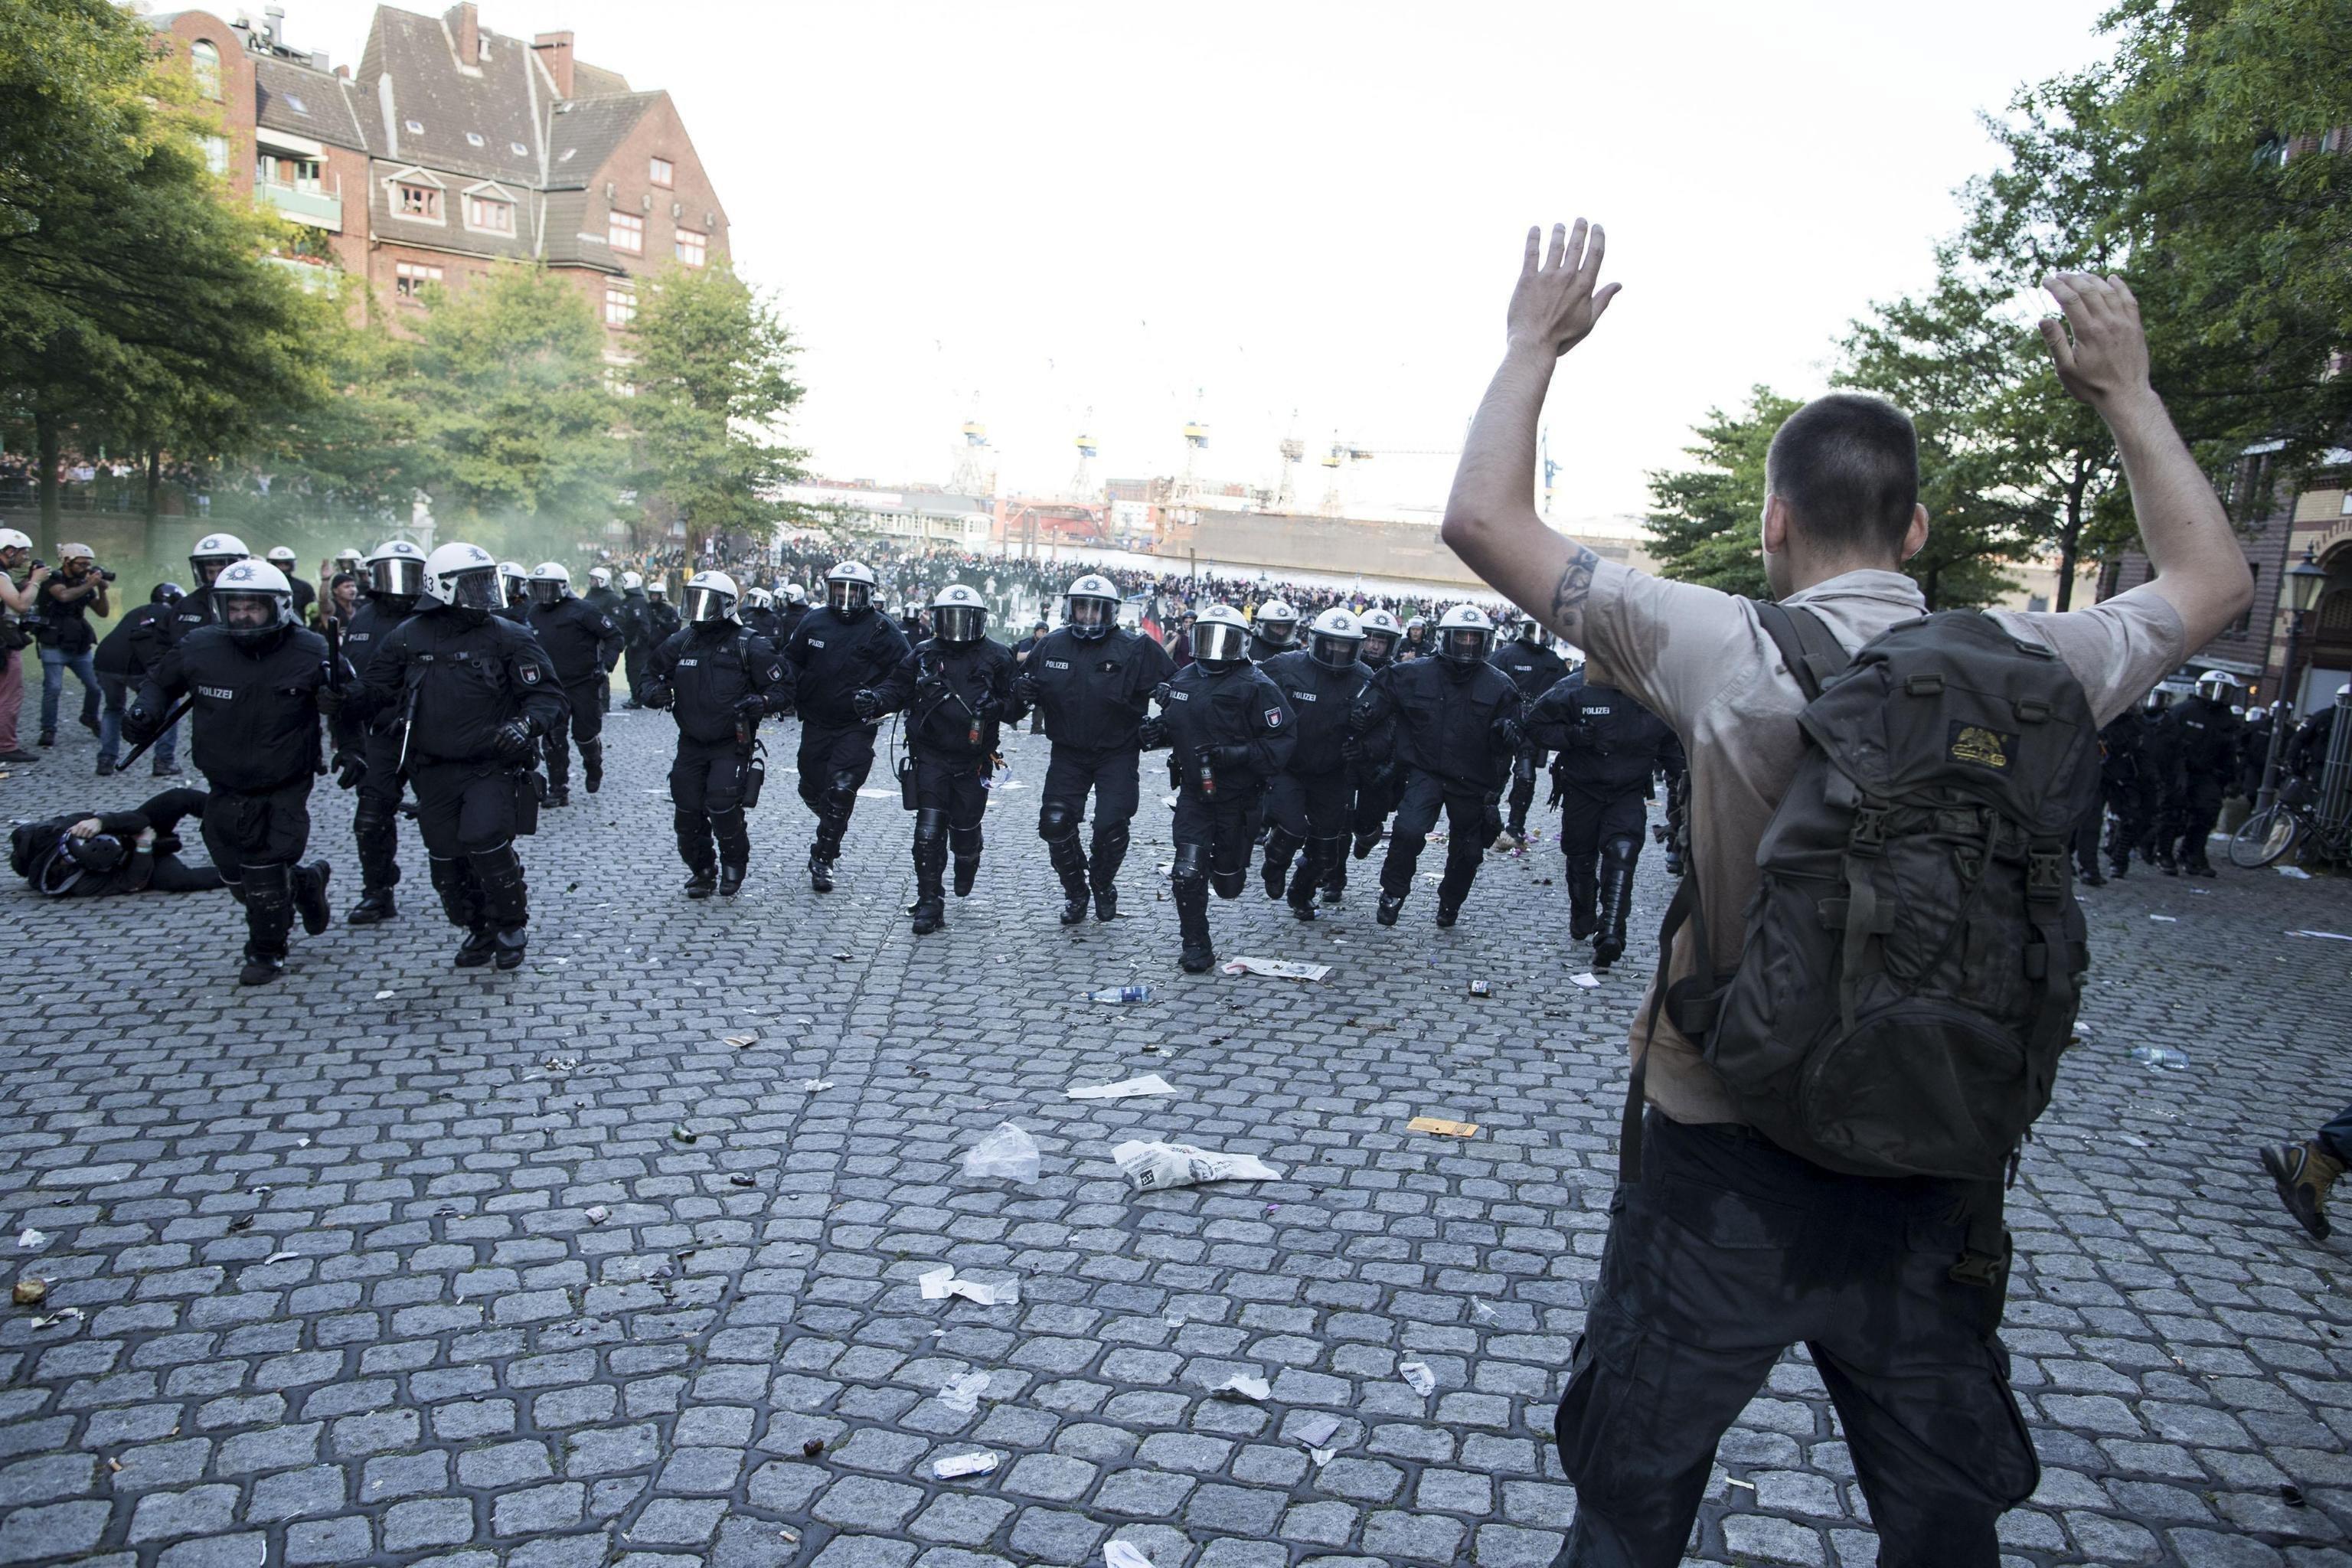 Disturbis entre la policia i els manifestants durant una protesta convocada a Hamburg (Alemanya), on se celebra el G20. /MASSIMO PERCOSSI